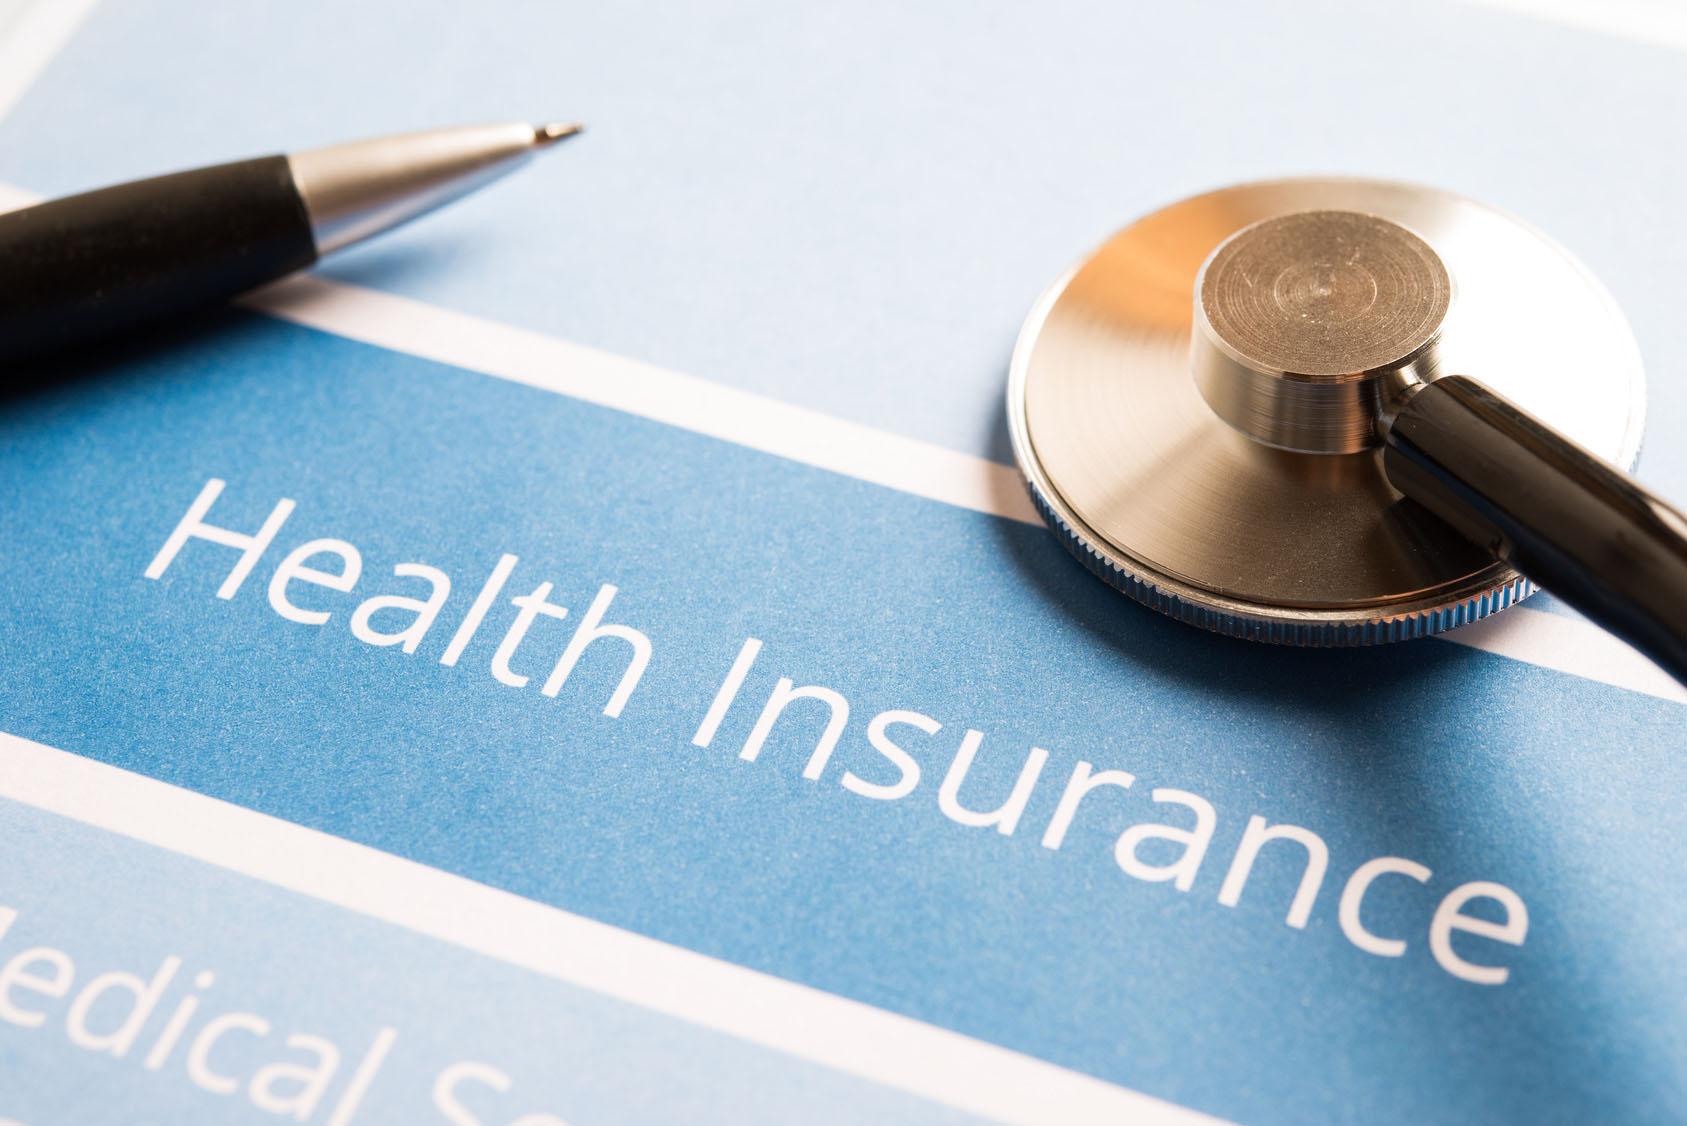 Doprinos za zdravstveno osiguranje